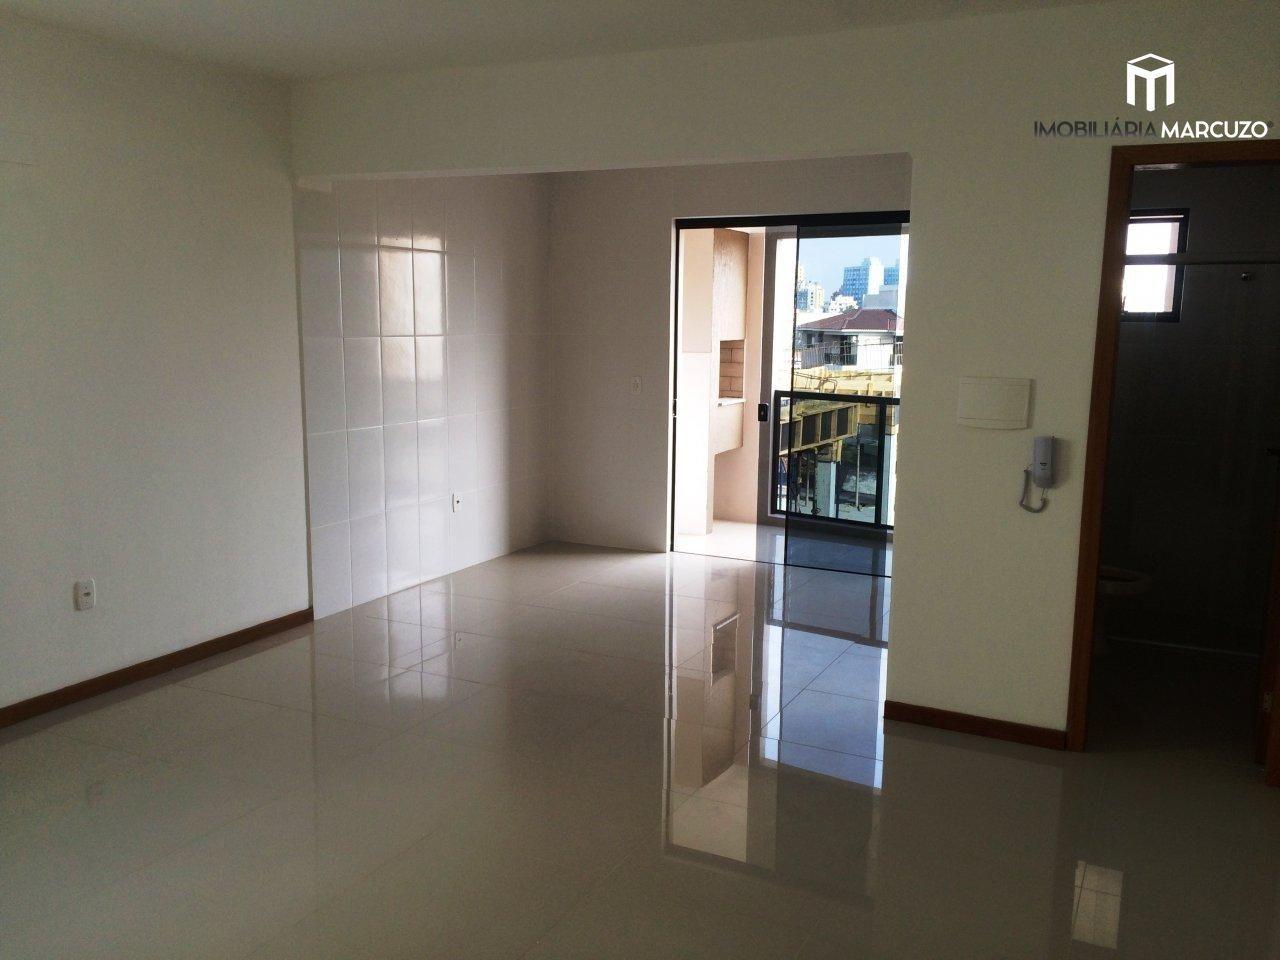 Apartamento com 1 Dormitórios à venda, 39 m² por R$ 160.000,00